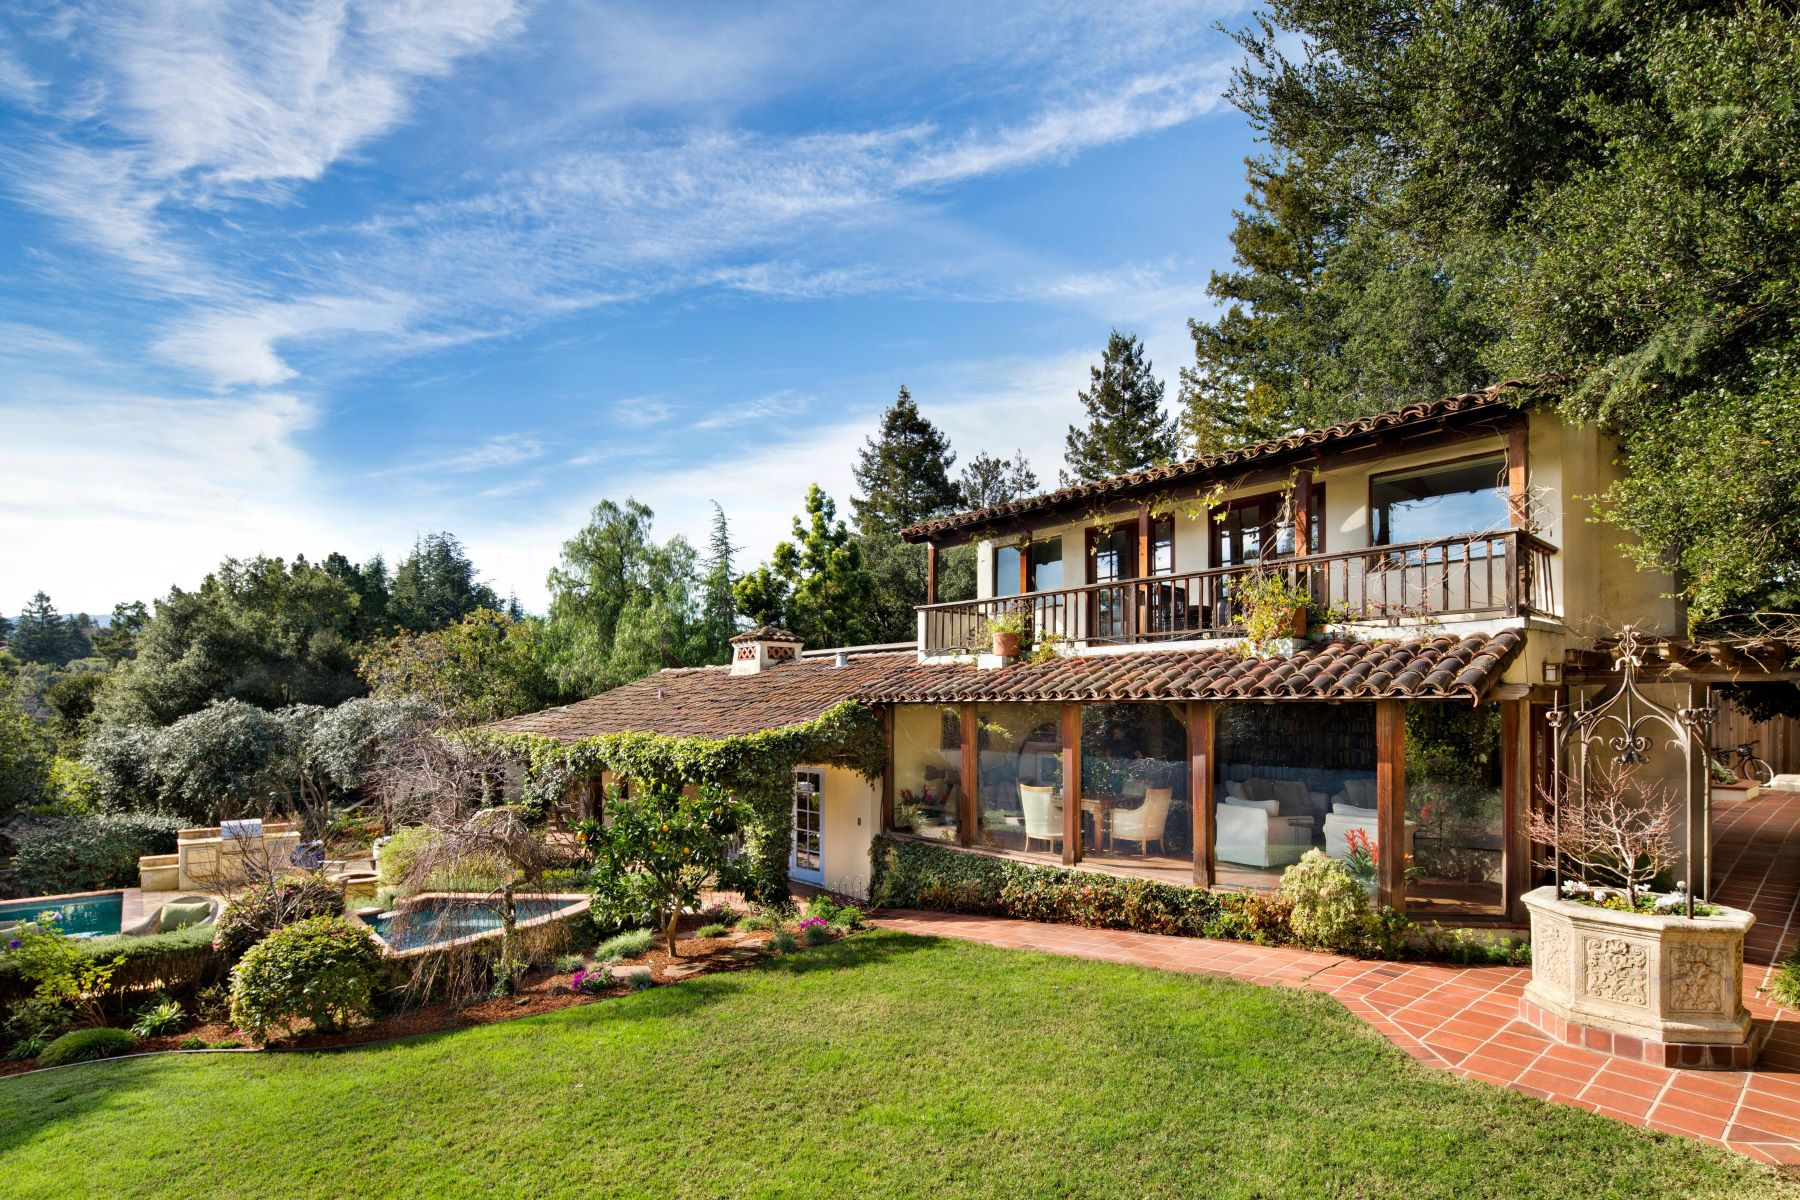 Частный односемейный дом для того Продажа на 14700 Manuella Rd Los Altos Hills, Калифорния 94022 Соединенные Штаты